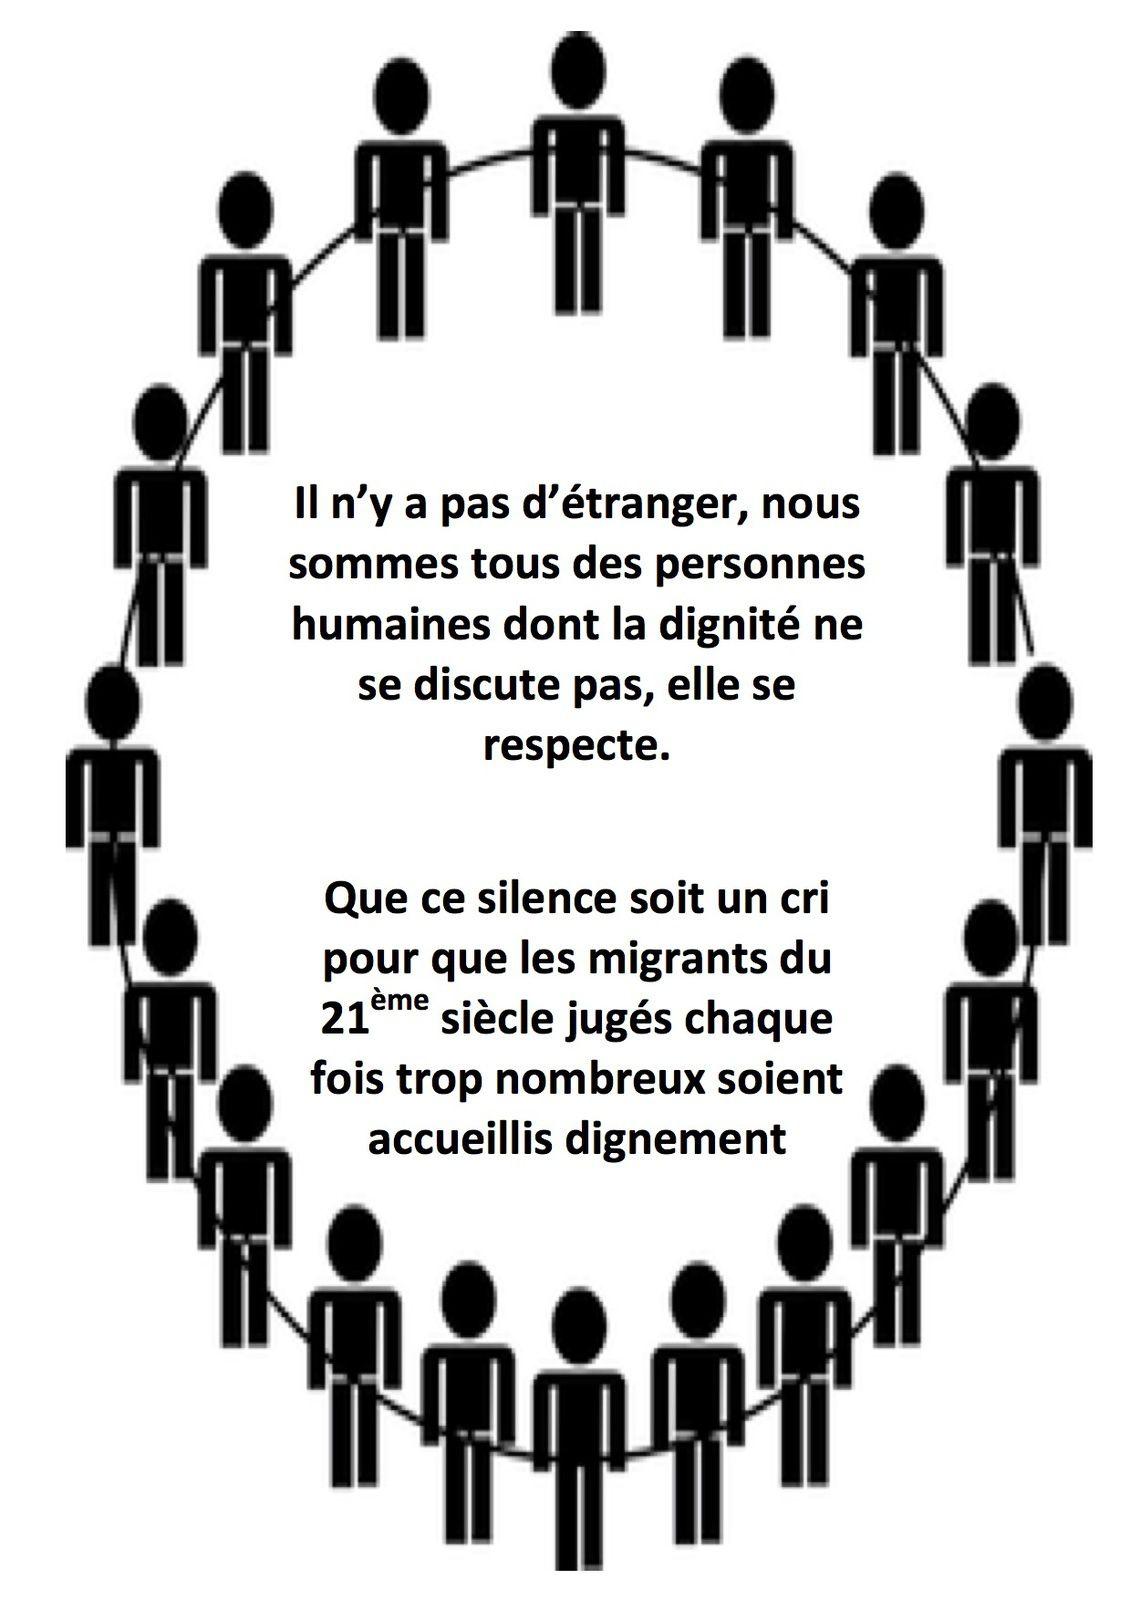 Lettre ouverte à nos concitoyens  Sale temps pour les réfugiés